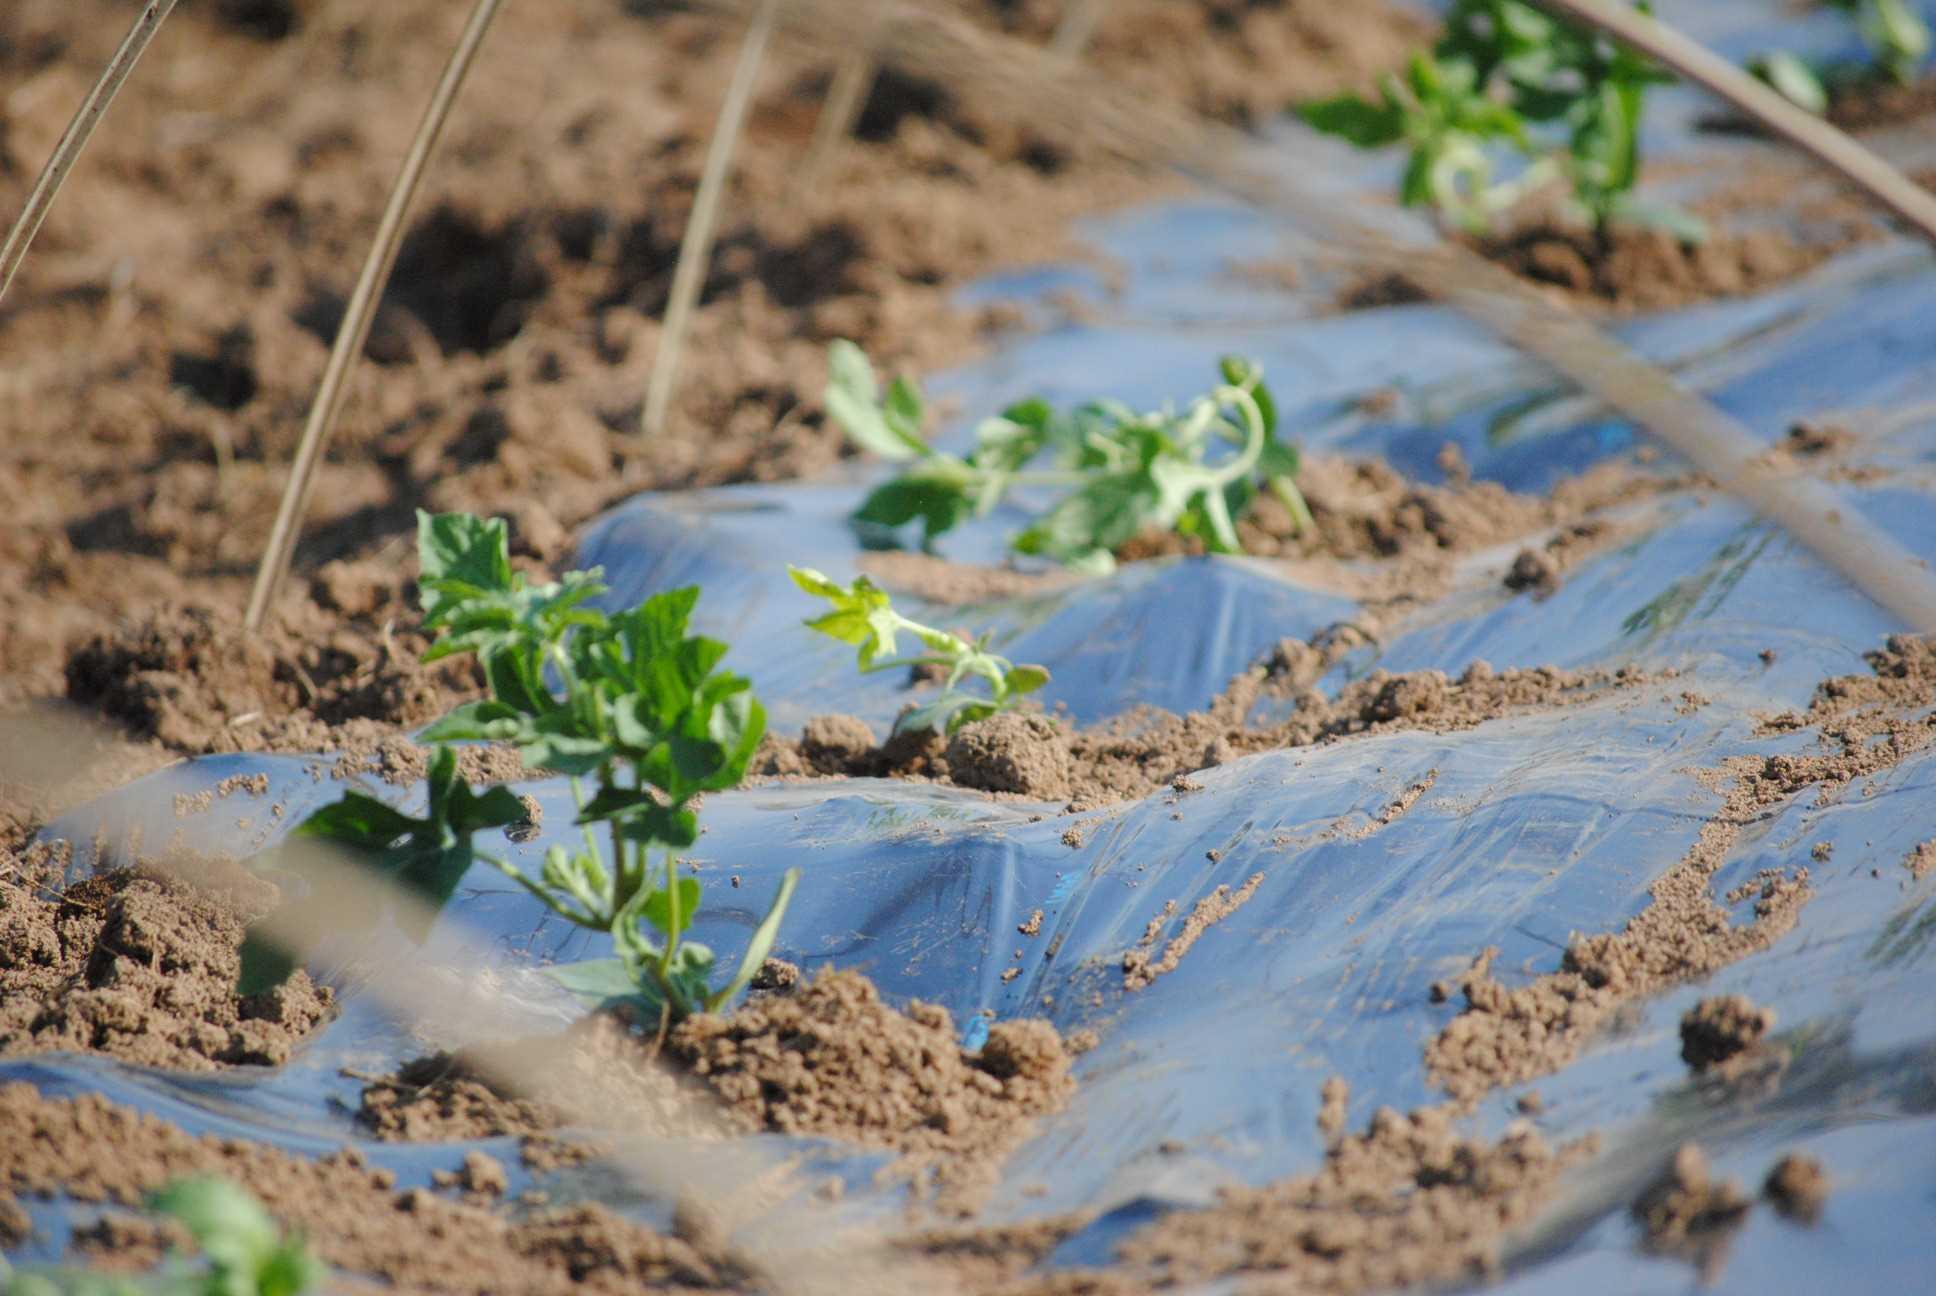 スイカの栽培方法を見学!7月末には甘いスイカをお届けします。